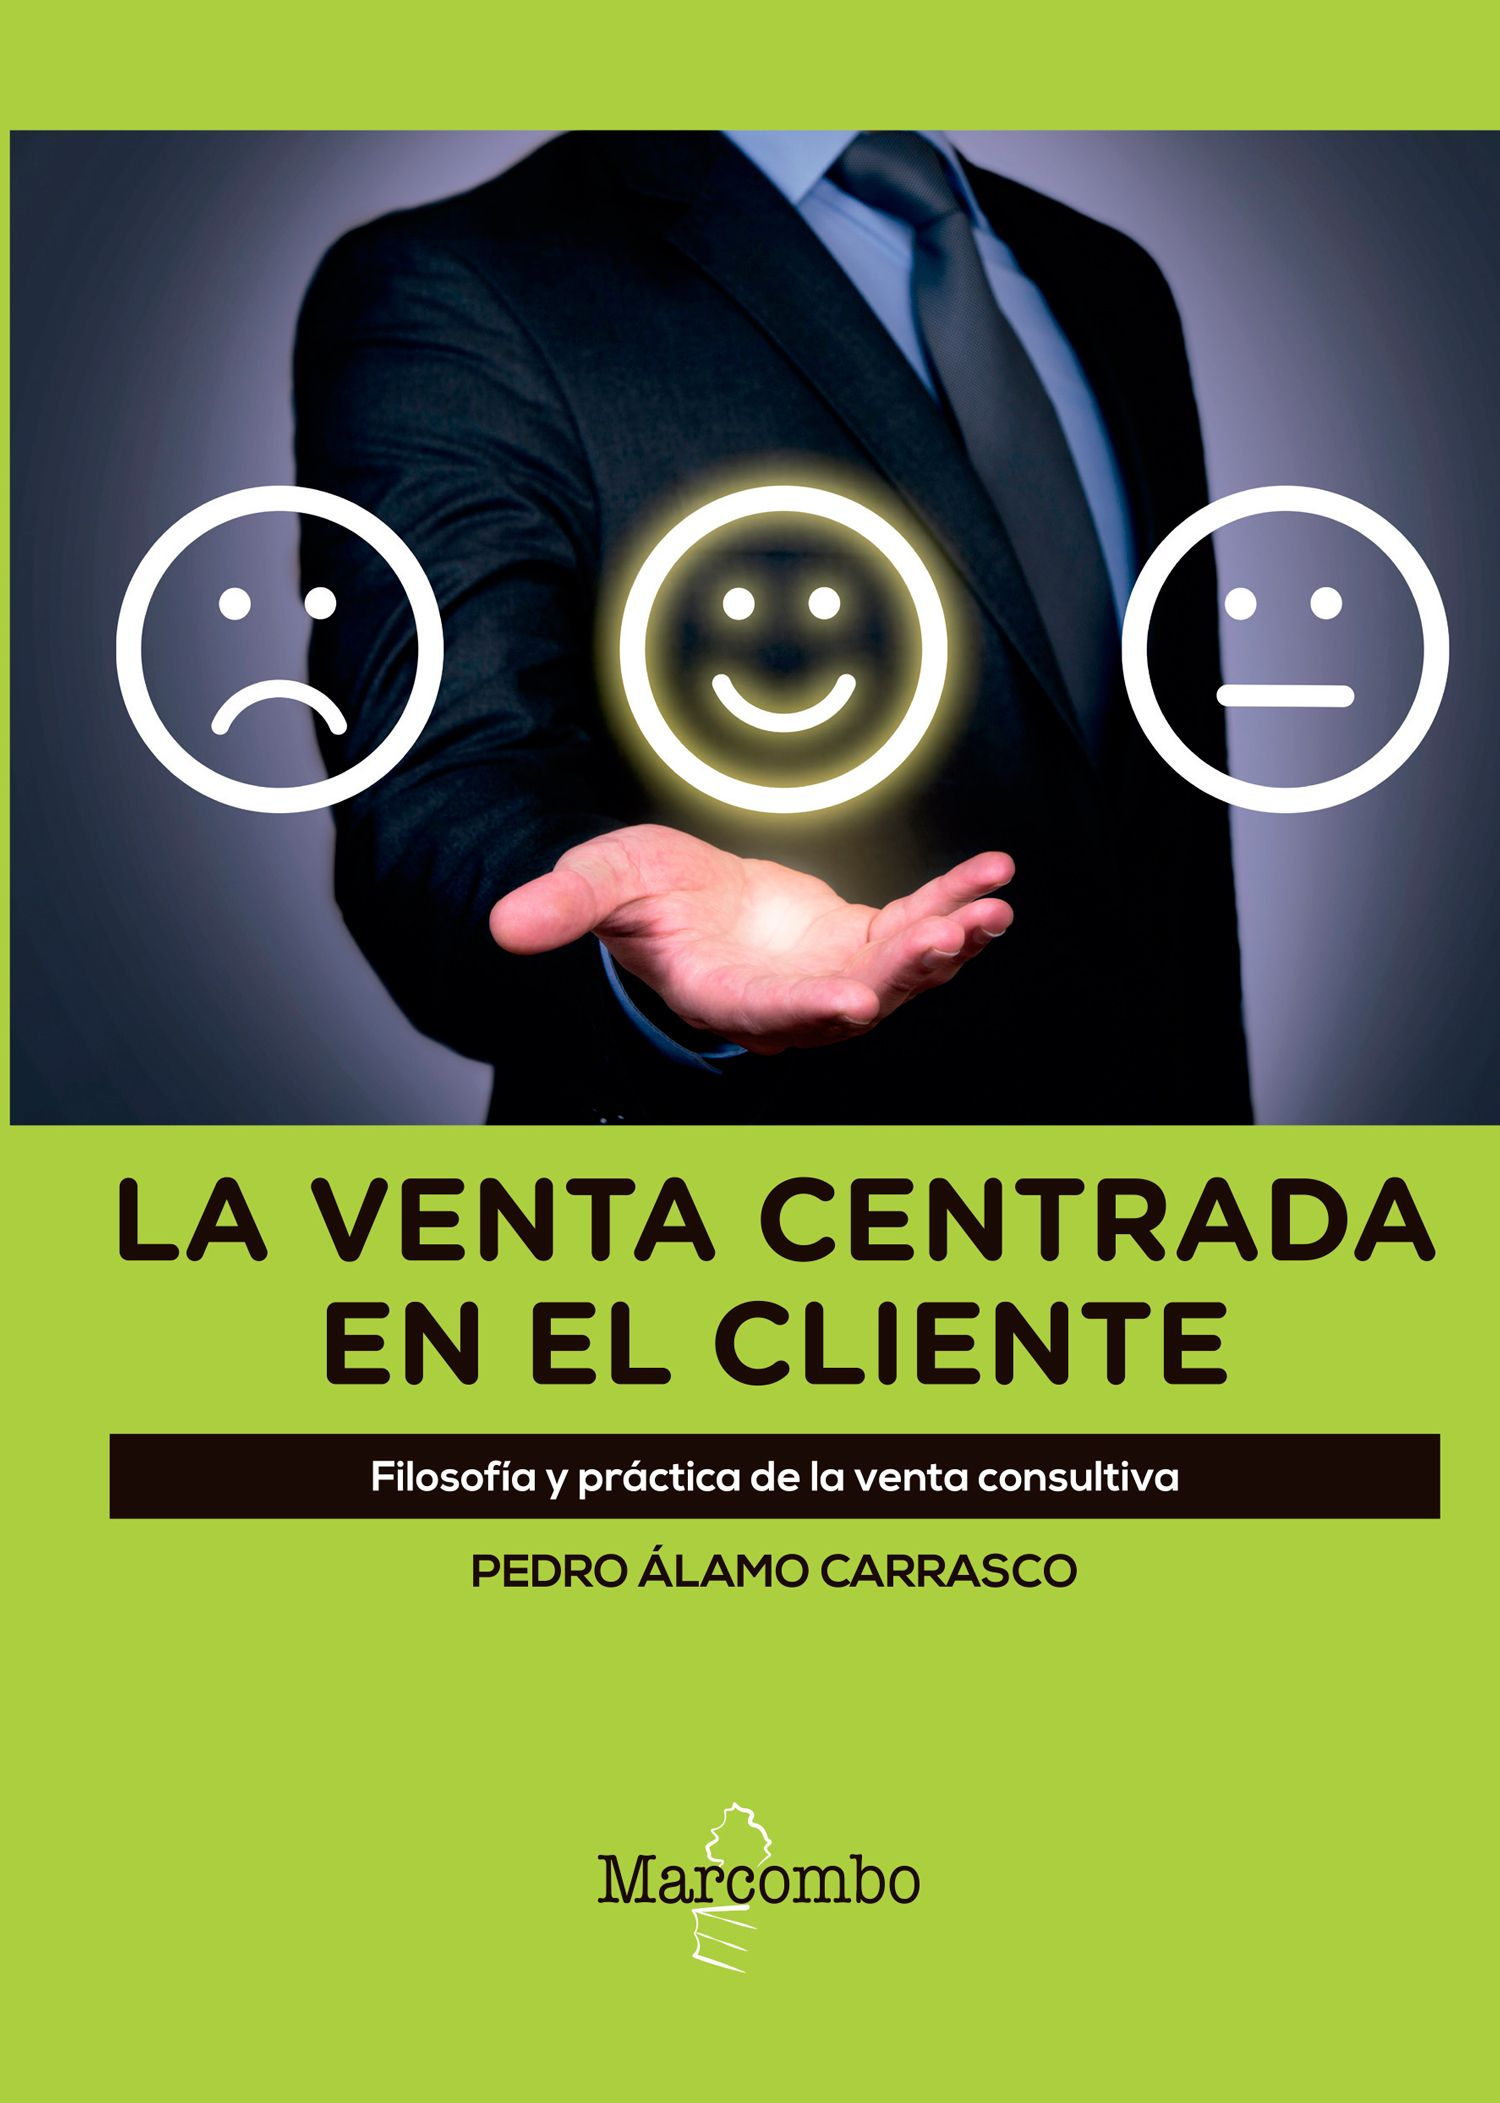 La venta centrada en el cliente libro